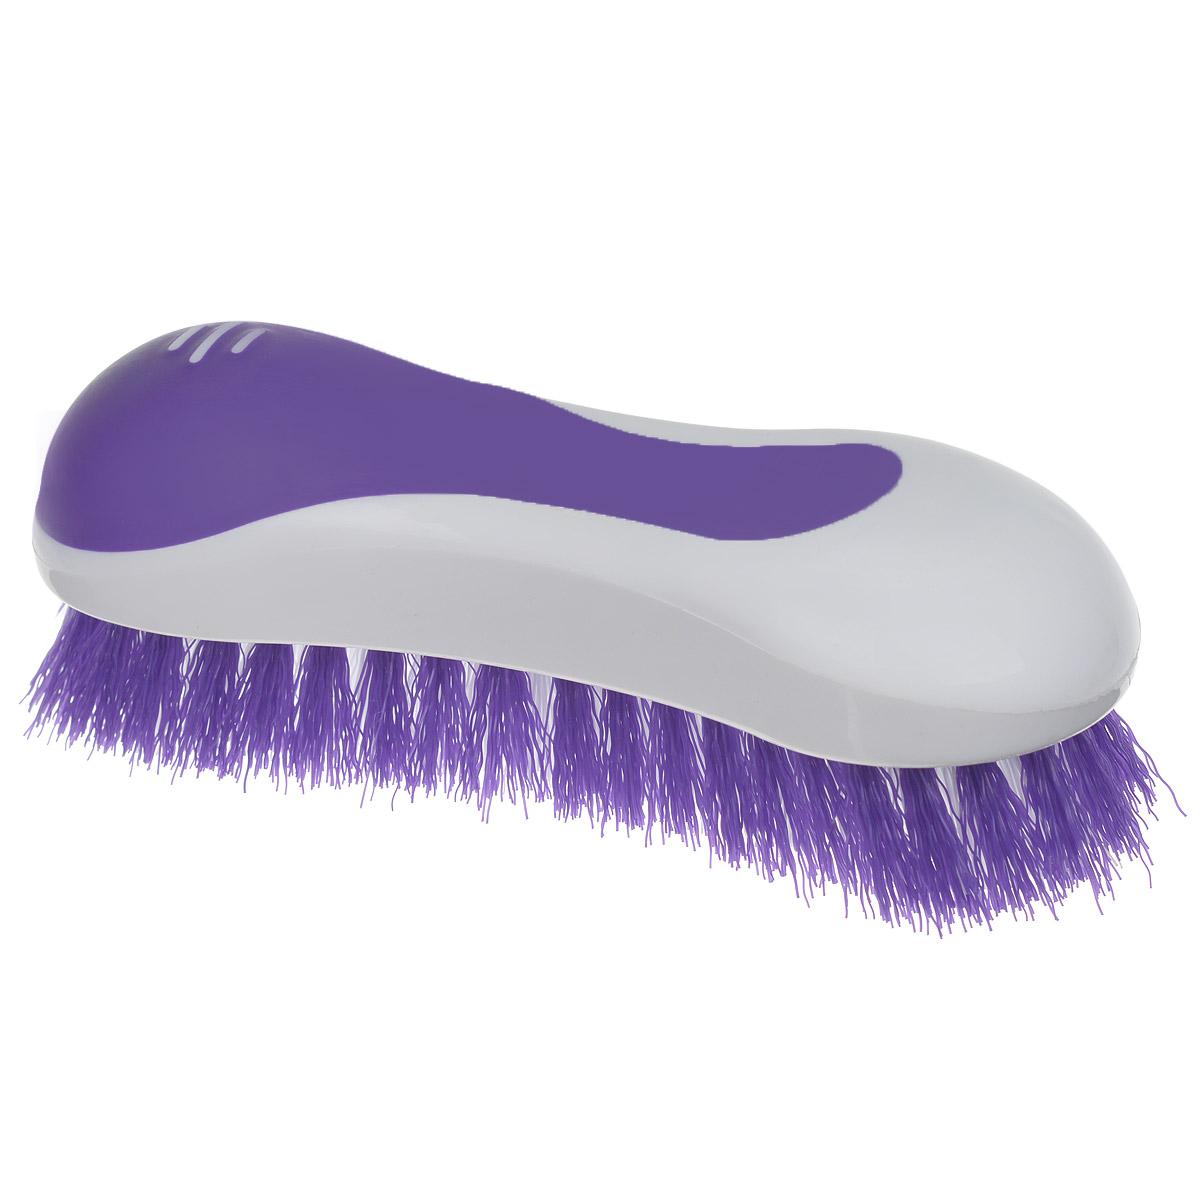 Еврощетка Home Queen, универсальная, цвет: фиолетовый, белый52072Еврощетка Home Queen, выполненная из полипропилена, является универсальной щеткой для очистки любых поверхностей, эффективно очищает загрязнения. Эргономичная форма для большего удобства использования. Размер: 20 см х 7 см х 7 см. Длина ворсинок: 3 см.